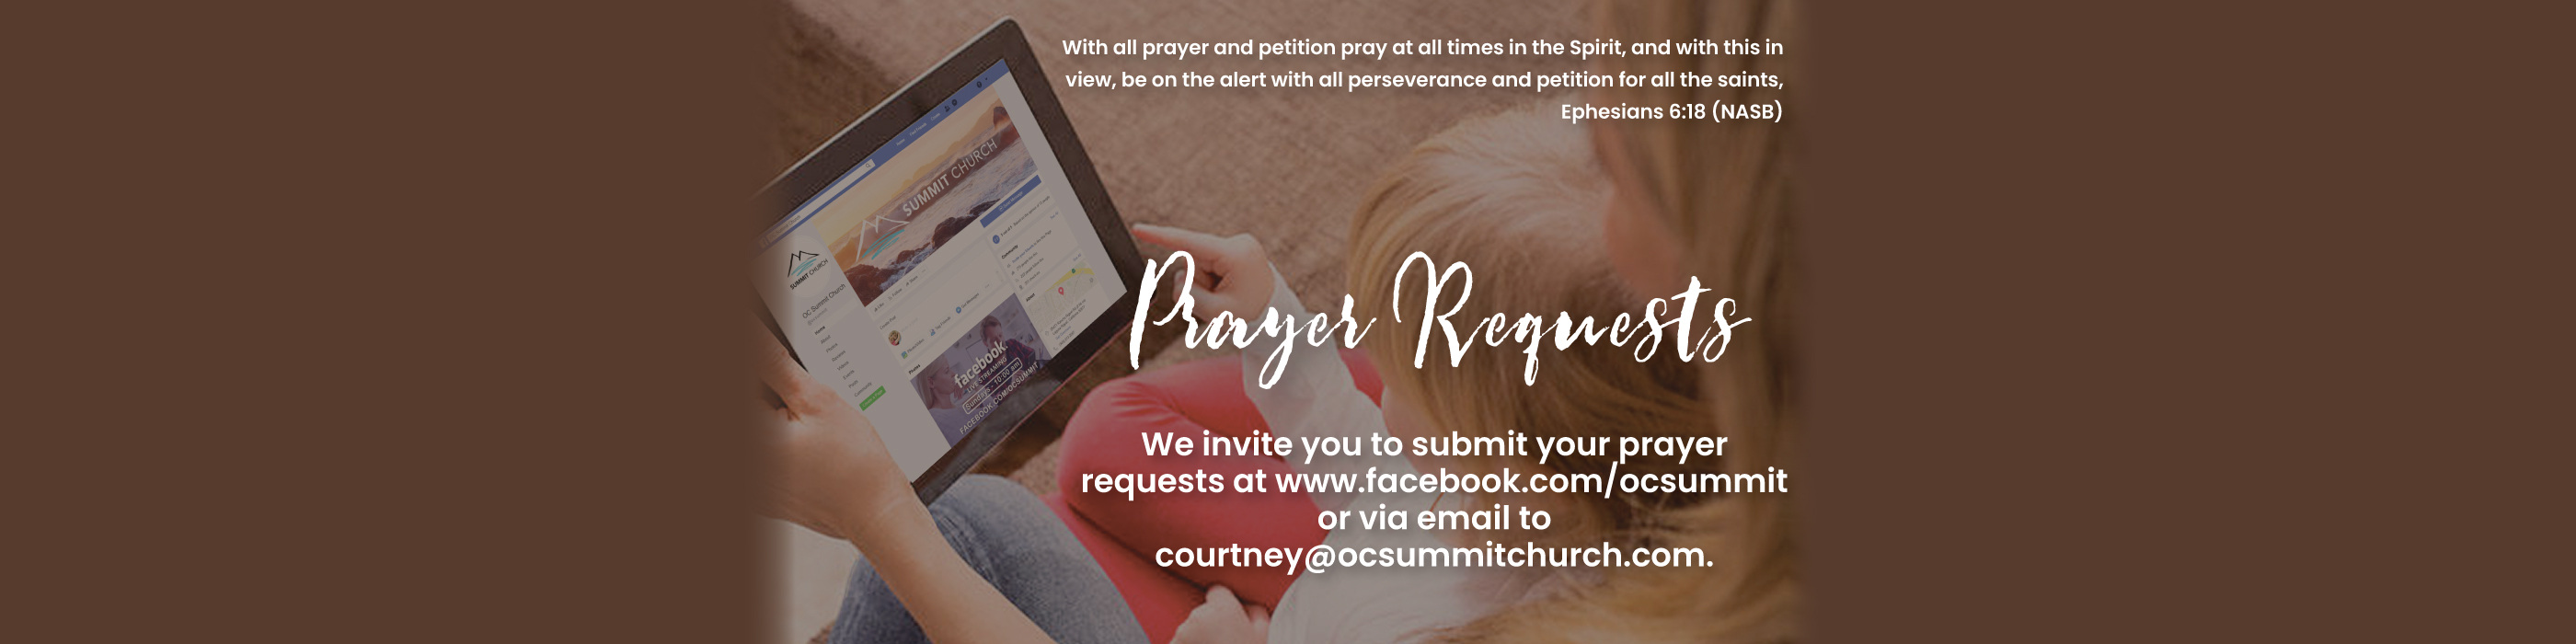 Summit-Online-Prayer-Requests-0320-WEB-2800x700